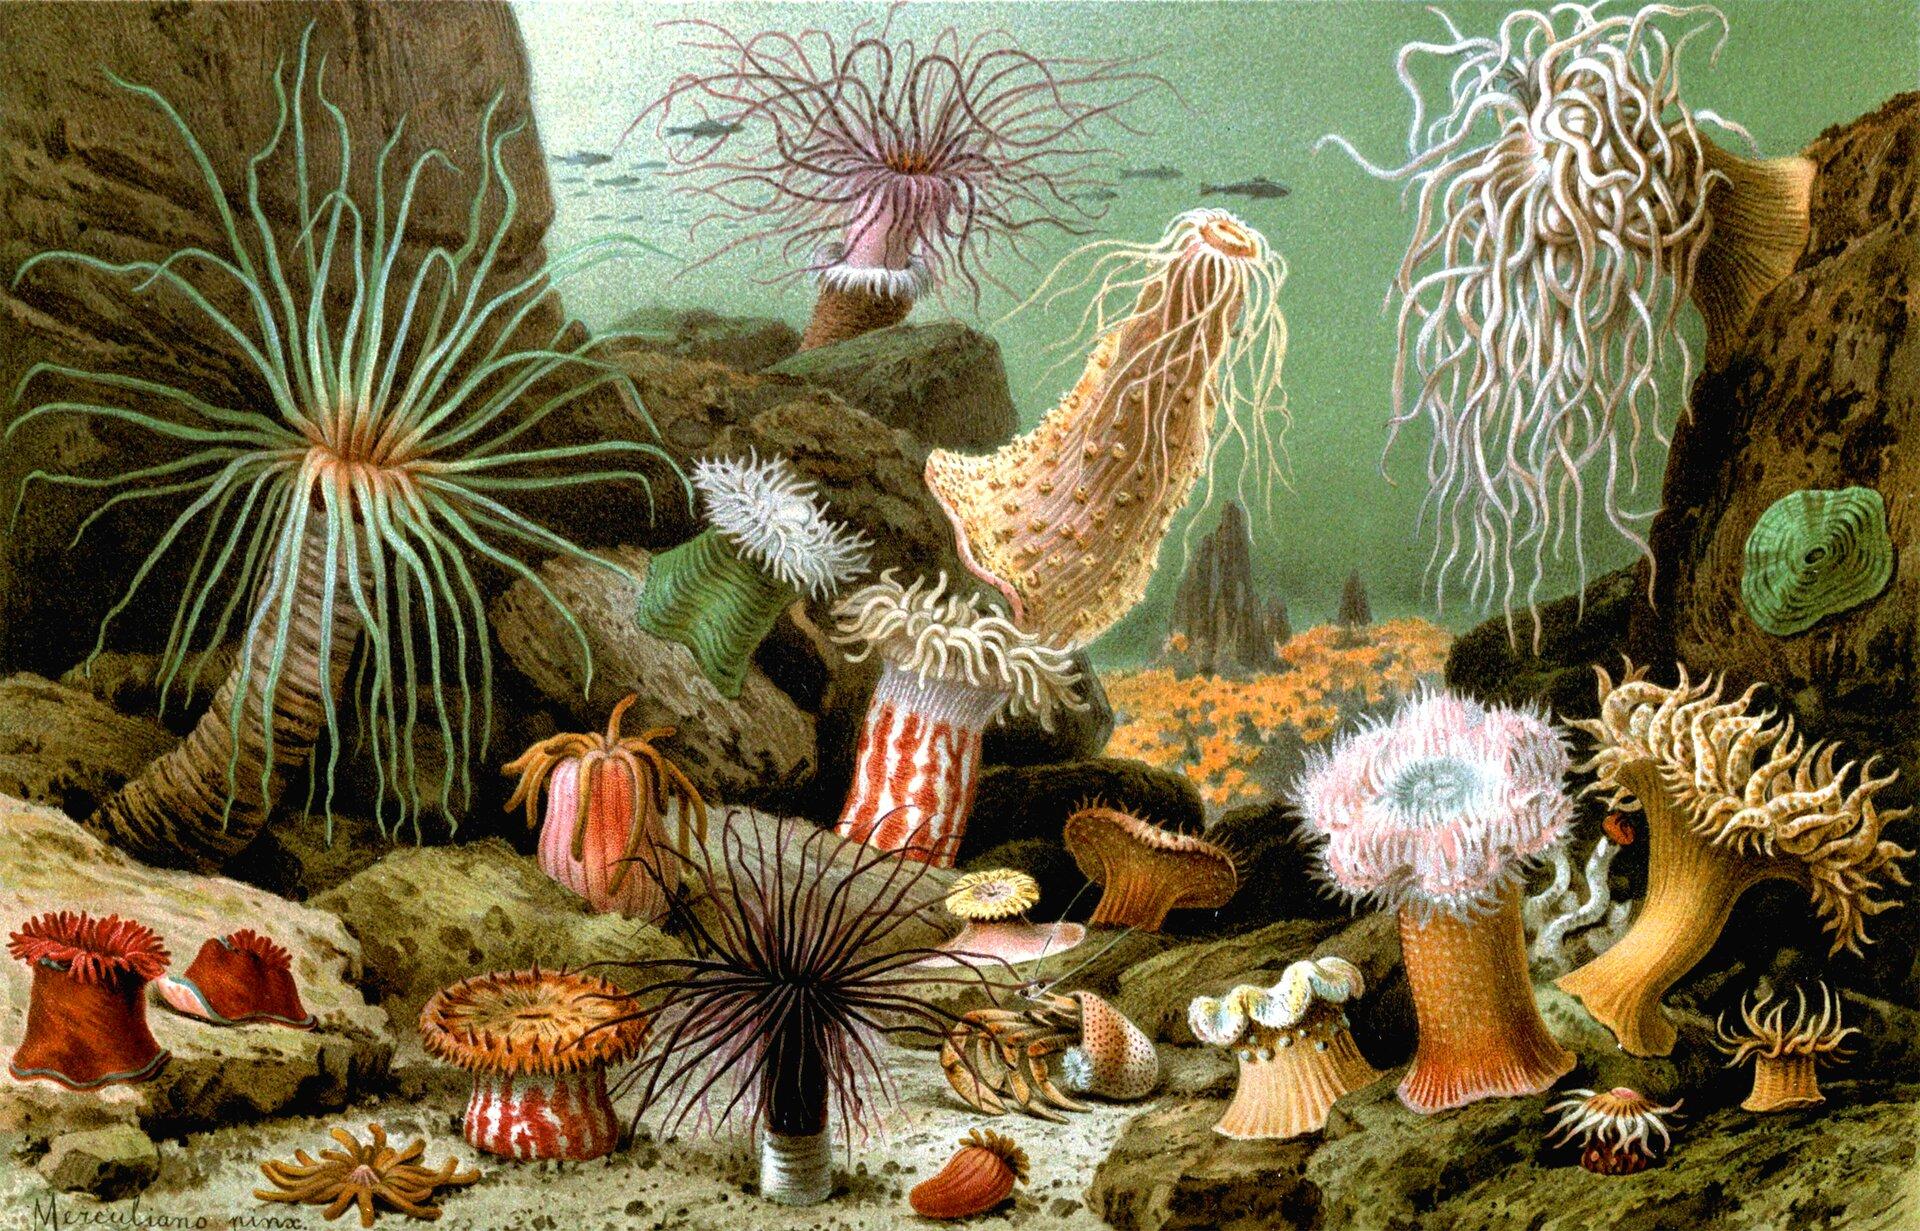 Ilustracja przedstawia dno morza zszarymi skałami po bokach. Na piasku ina skałach rosną rurkowate, barwne ukwiały. Mają długie lub krótsze, cienkie lub grubsze ramiona. Między nimi znajduje się rak pustelnik zodwłokiem wnakrapianej pomarańczowo muszli.